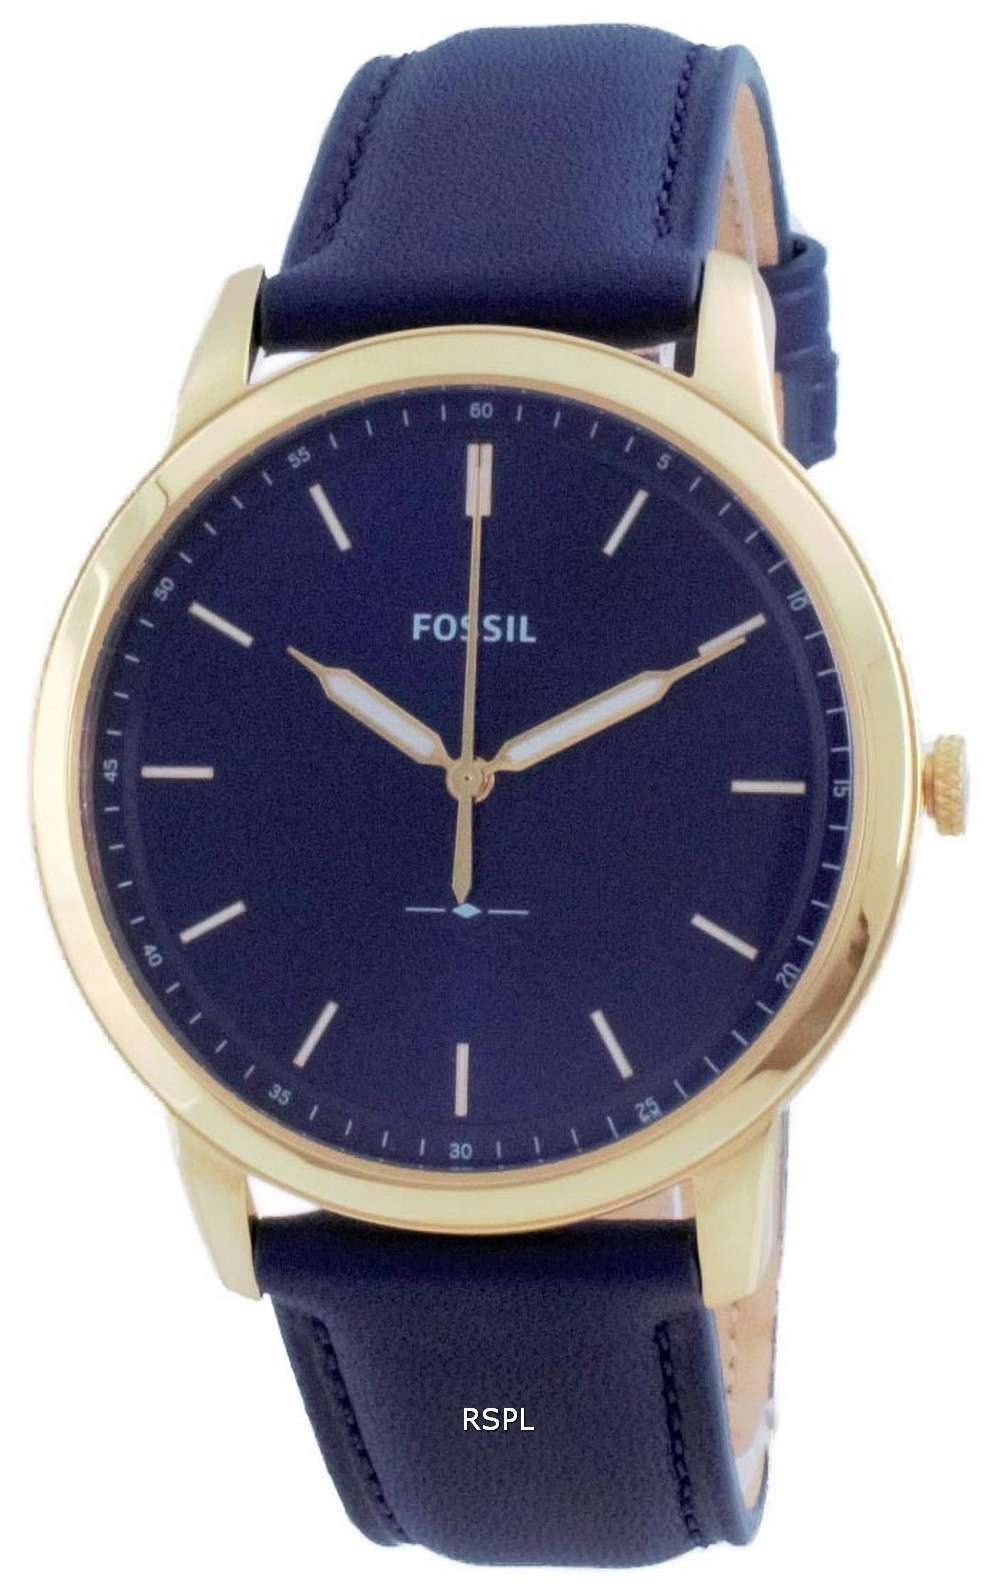 Fossil The Minimalist 3H Reloj para hombre con esfera azul, tono dorado, acero inoxidable, cuarzo